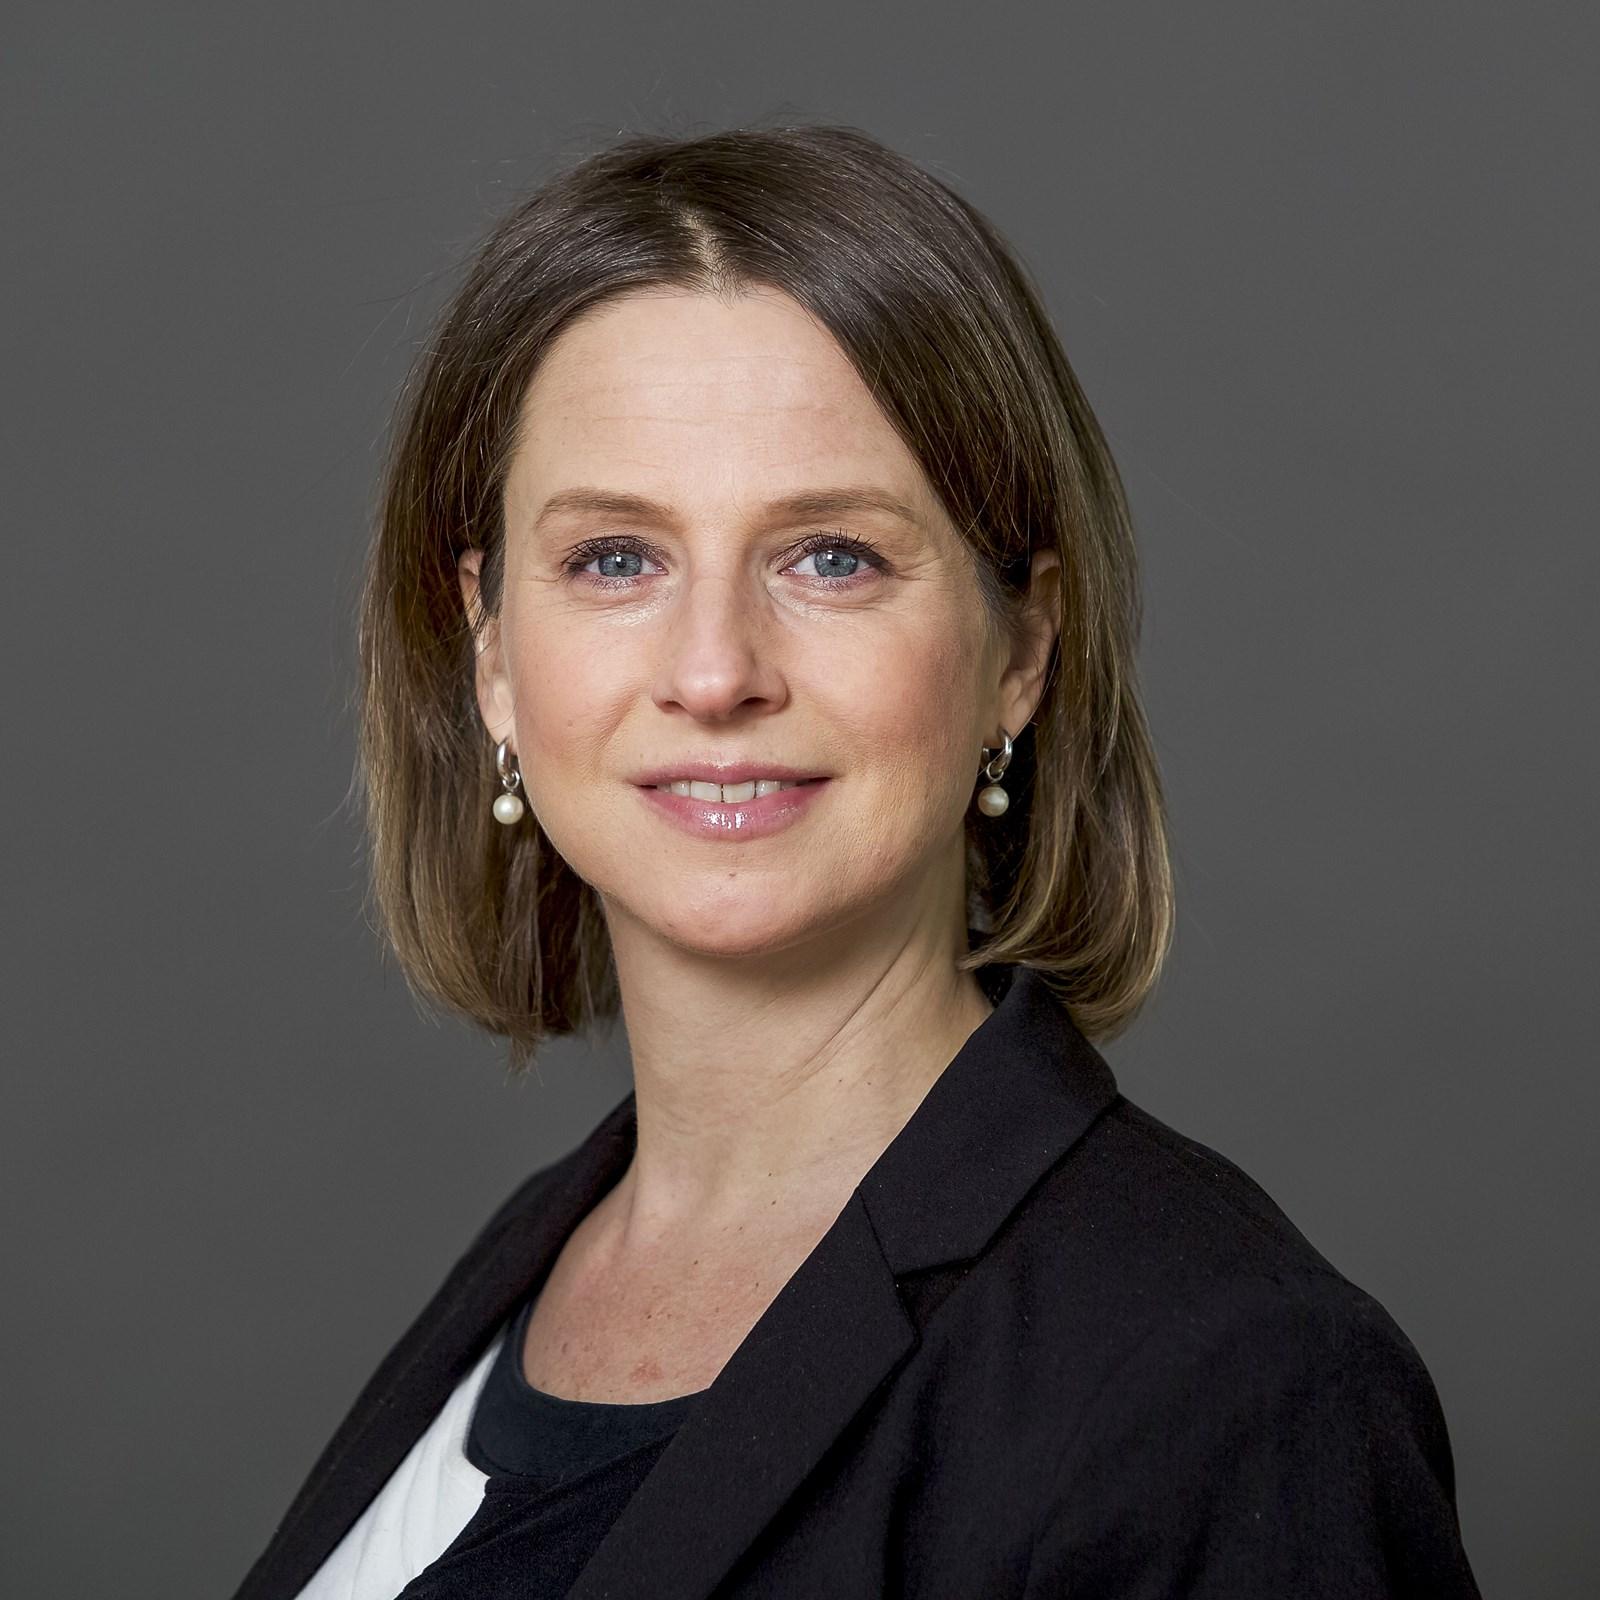 Foto van Maud Niemöller